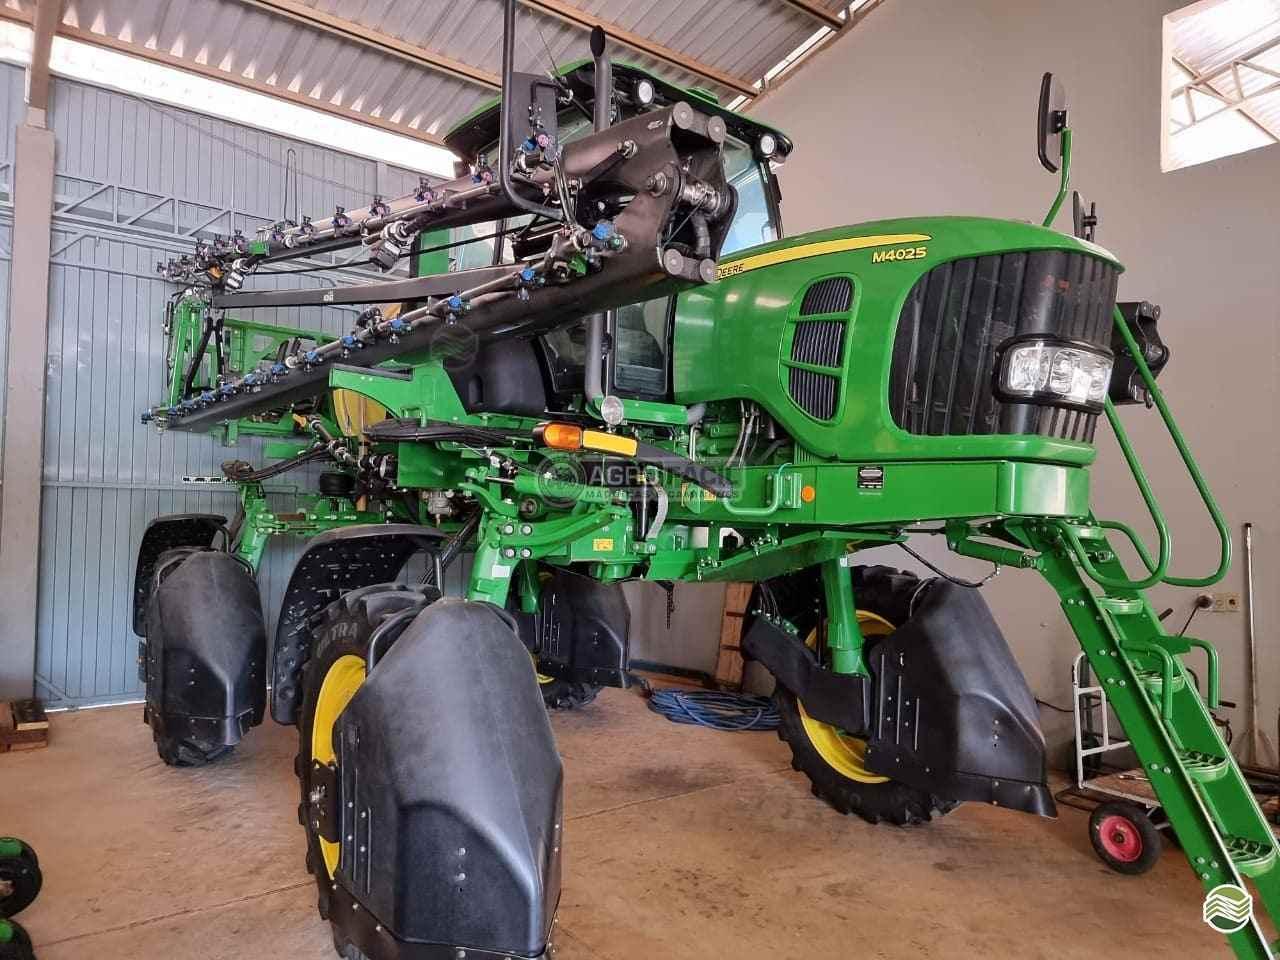 PULVERIZADOR JOHN DEERE JOHN DEERE M4025 Tração 4x4 Agro Fácil Máquinas PRIMAVERA DO LESTE MATO GROSSO MT